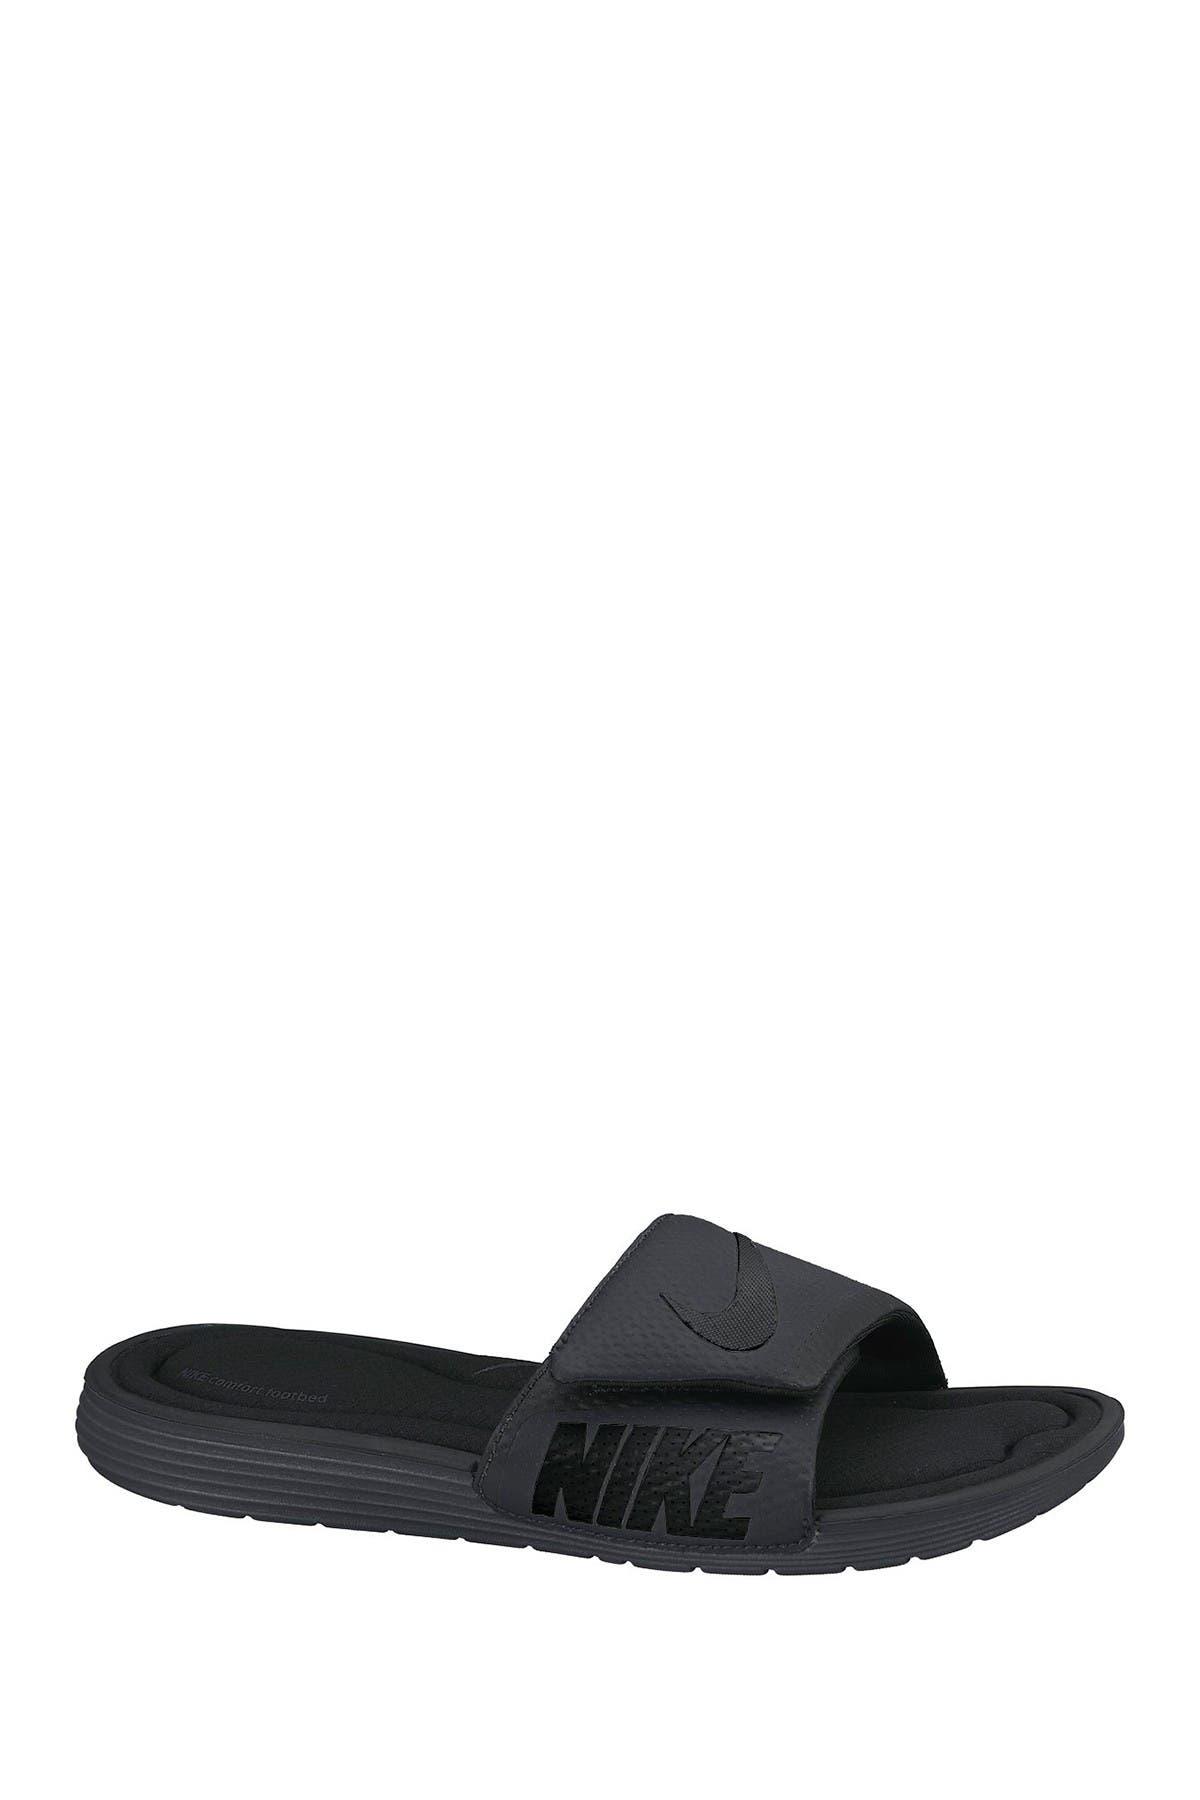 Nike | Solarsoft Comfort Slide